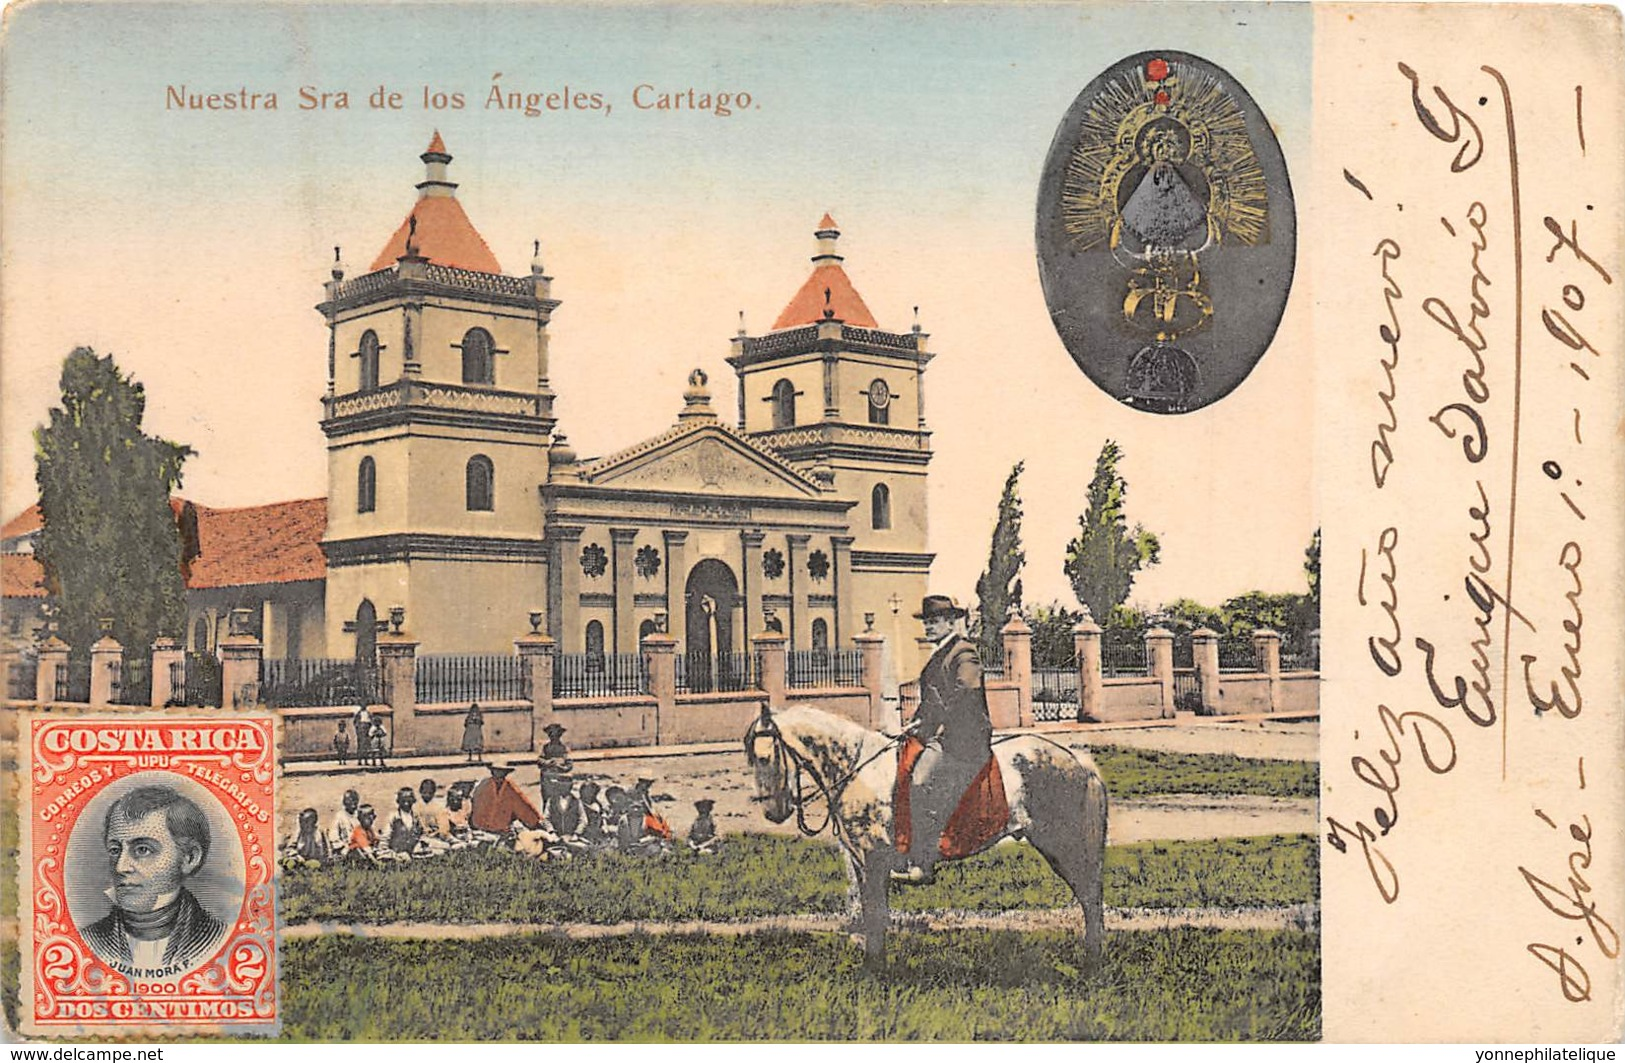 Costa Rica / 04 - Nuestra Sra De Los Angeles - Cartago - Belle Oblitération - Costa Rica